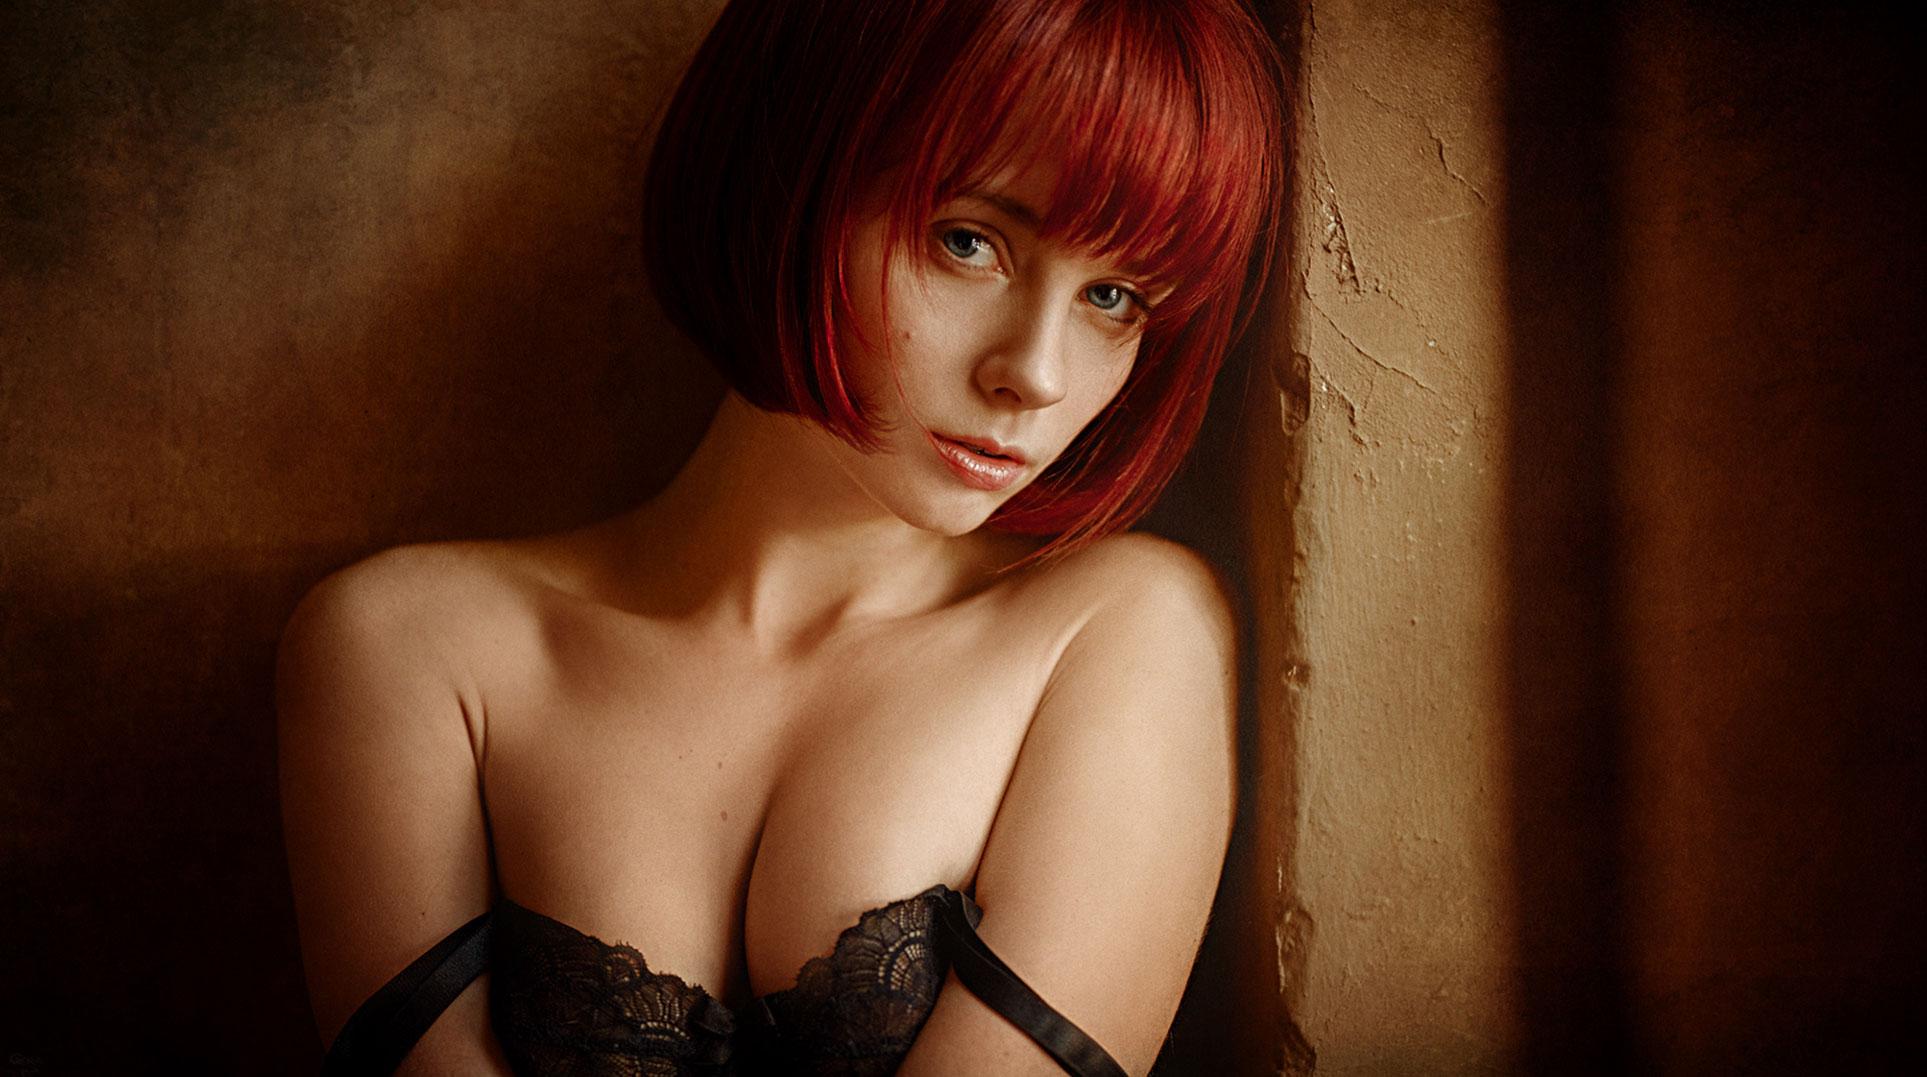 Марта Громова, фотограф Георгий Чернядьев / фото 06